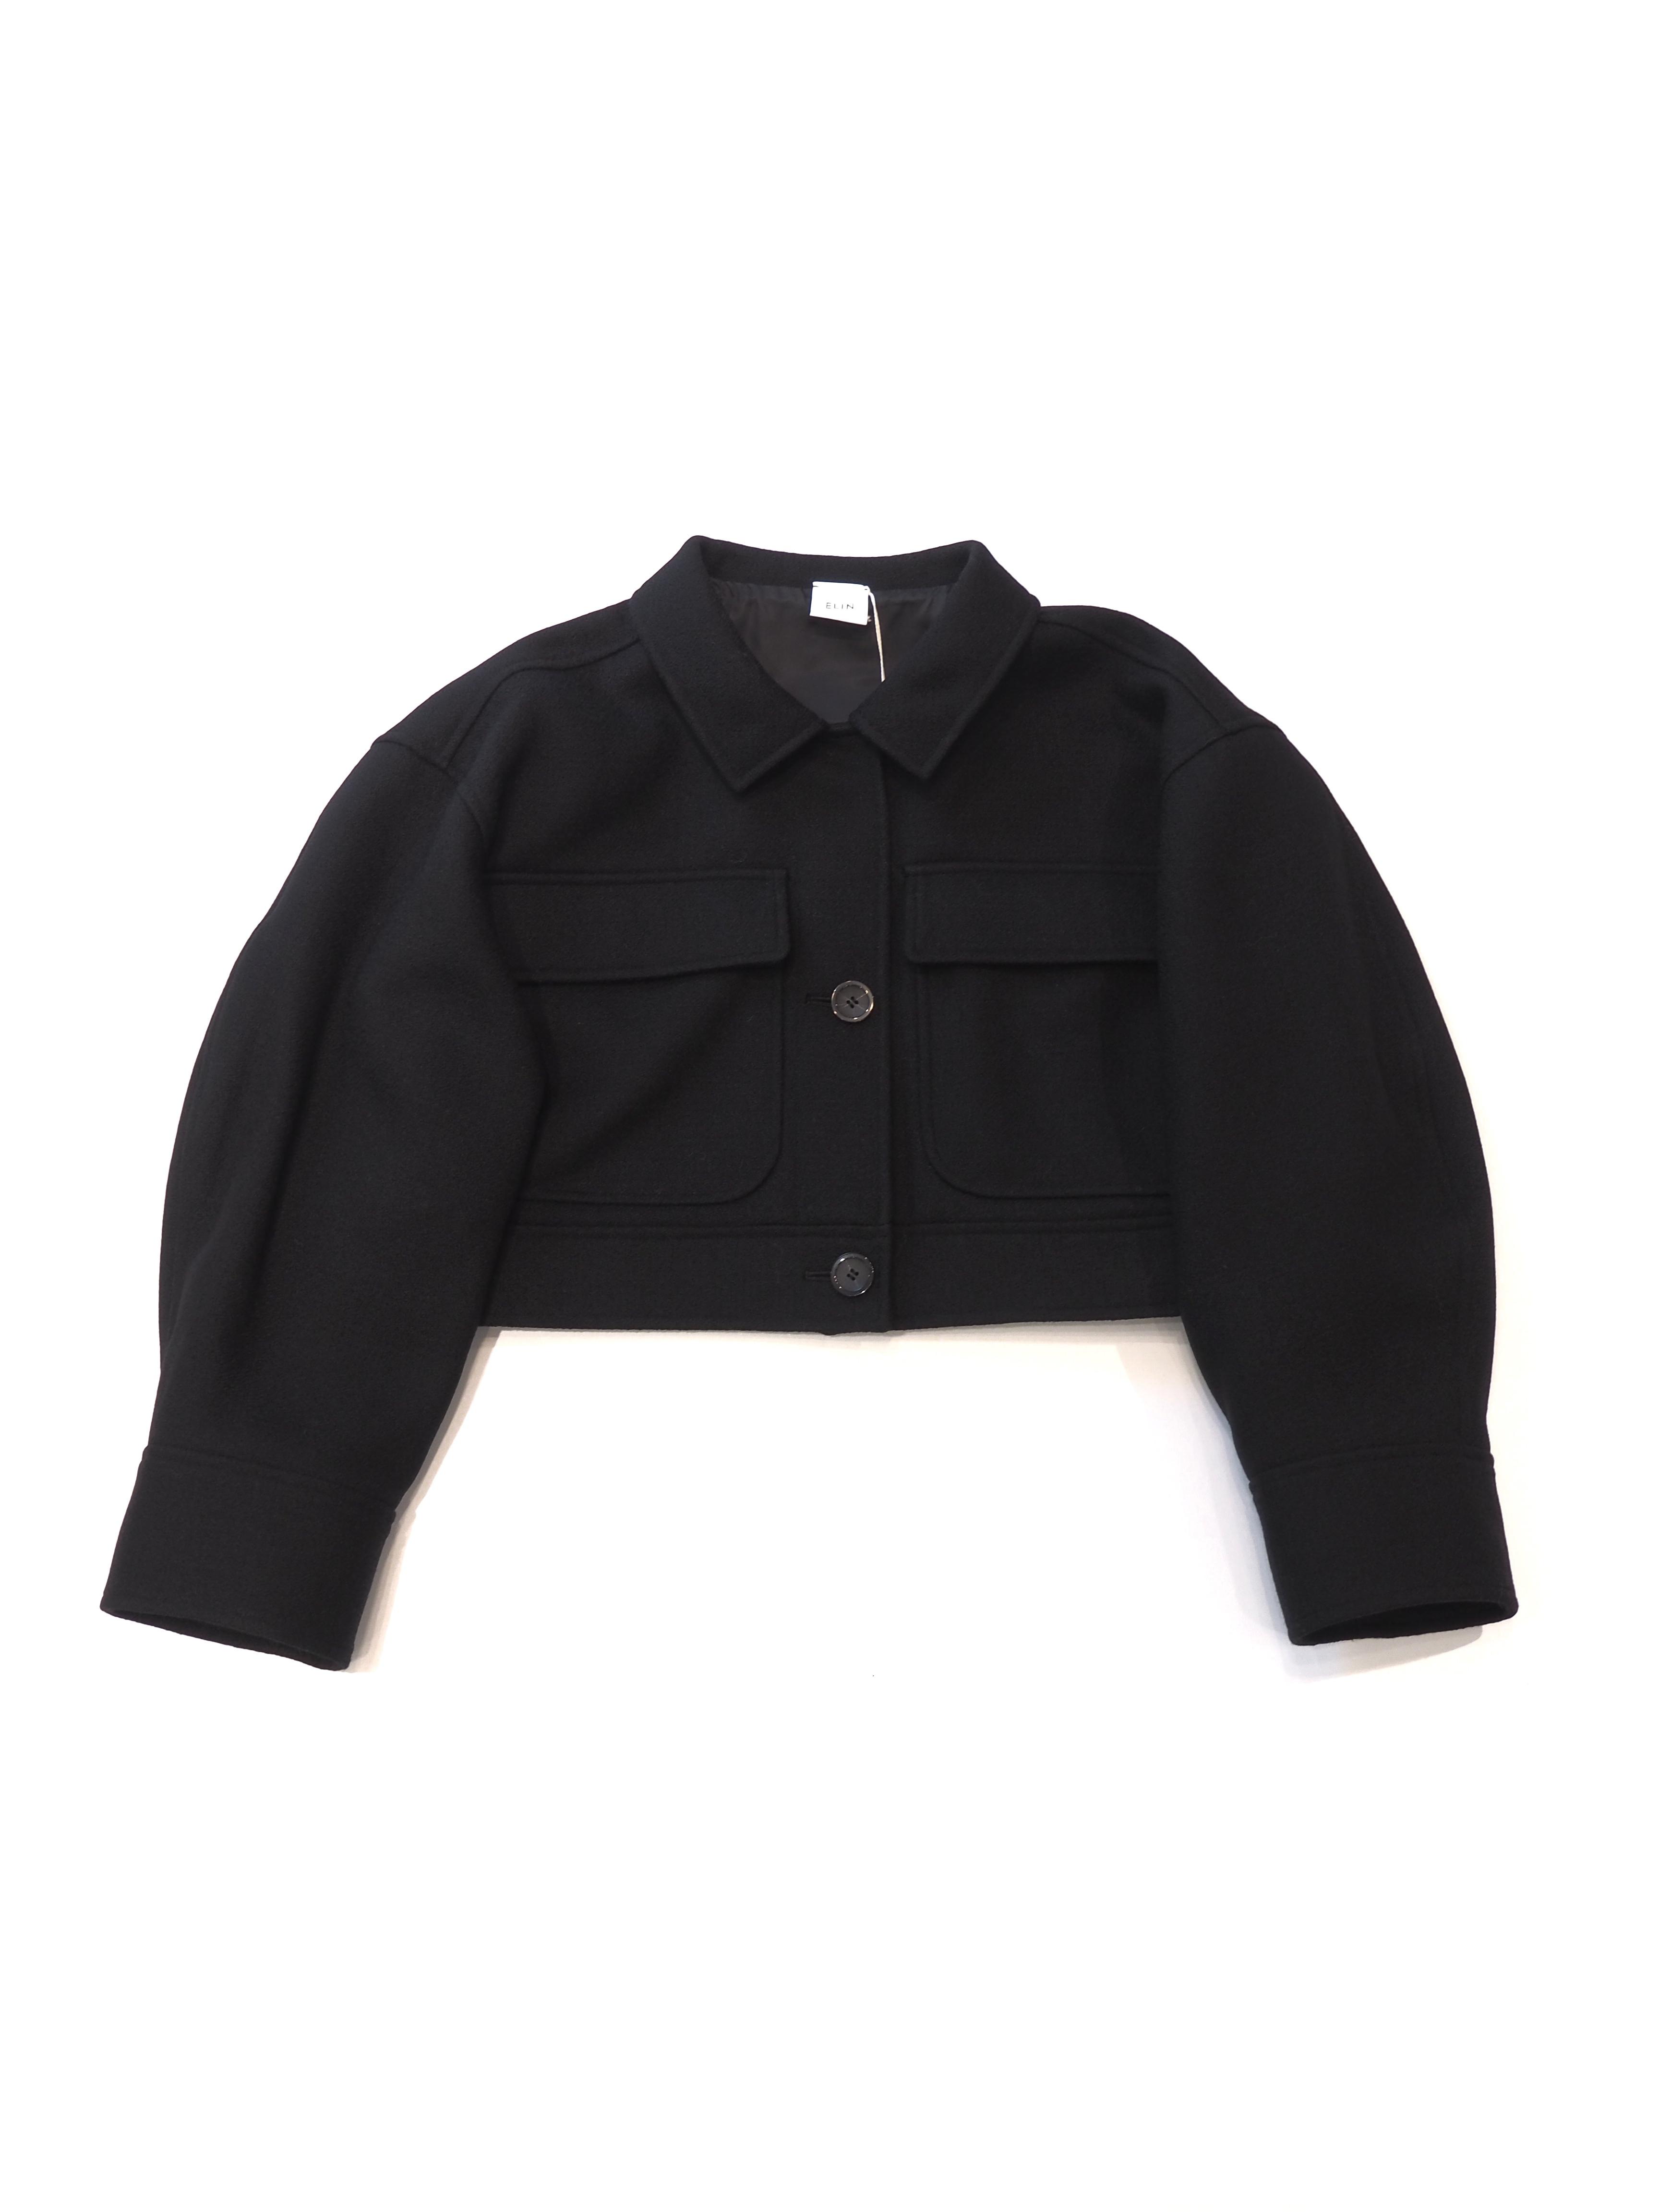 【ELIN】Big Pk Jacket